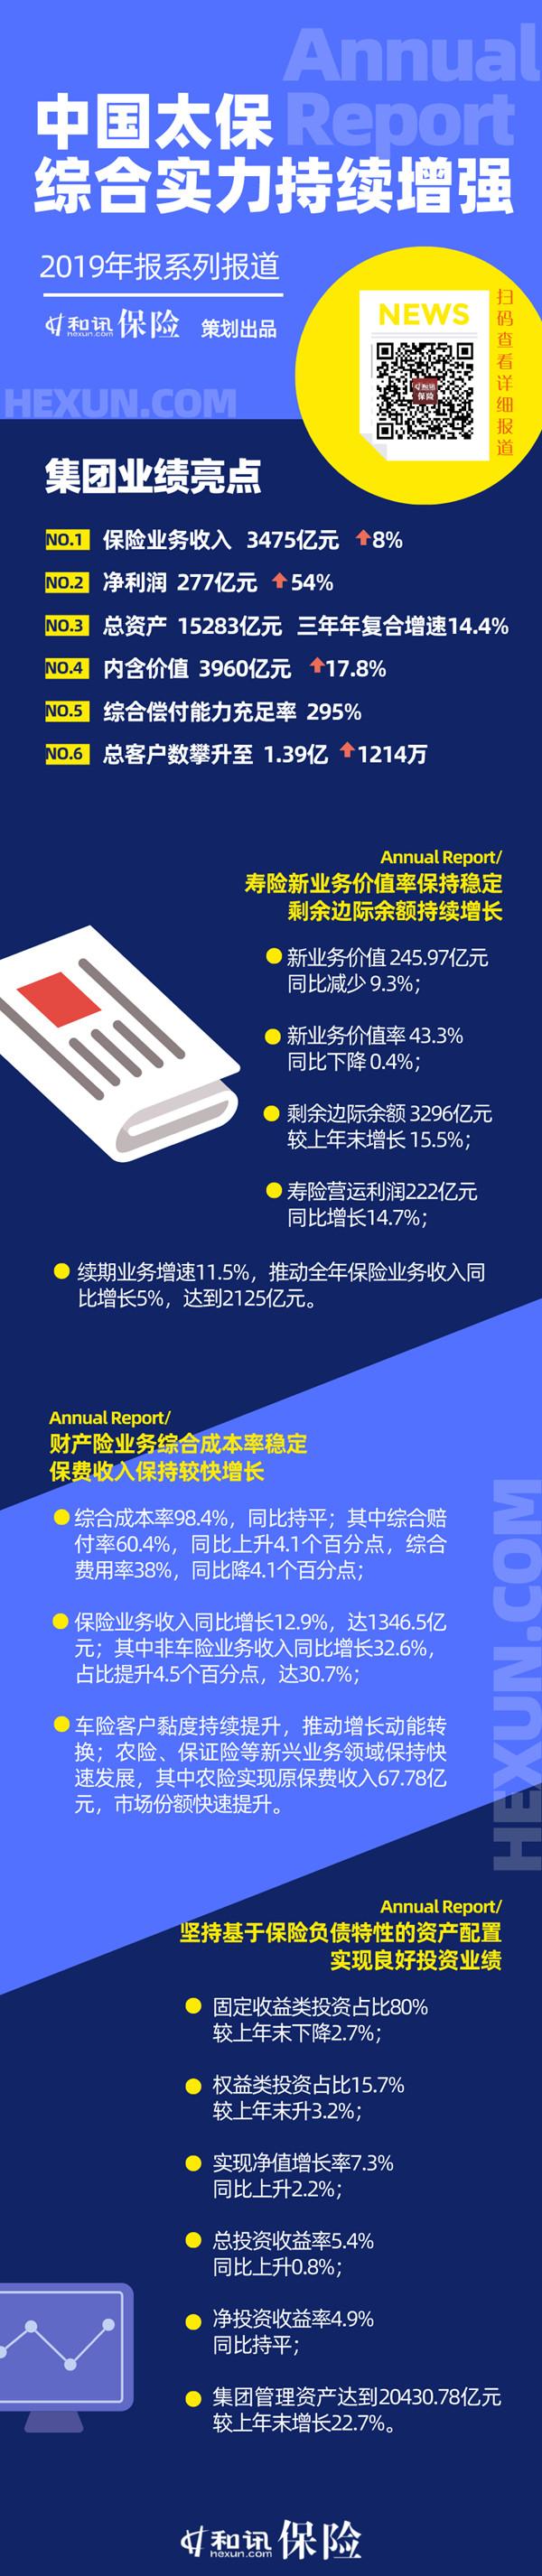 图说年报丨中国太保综合实力持续增强